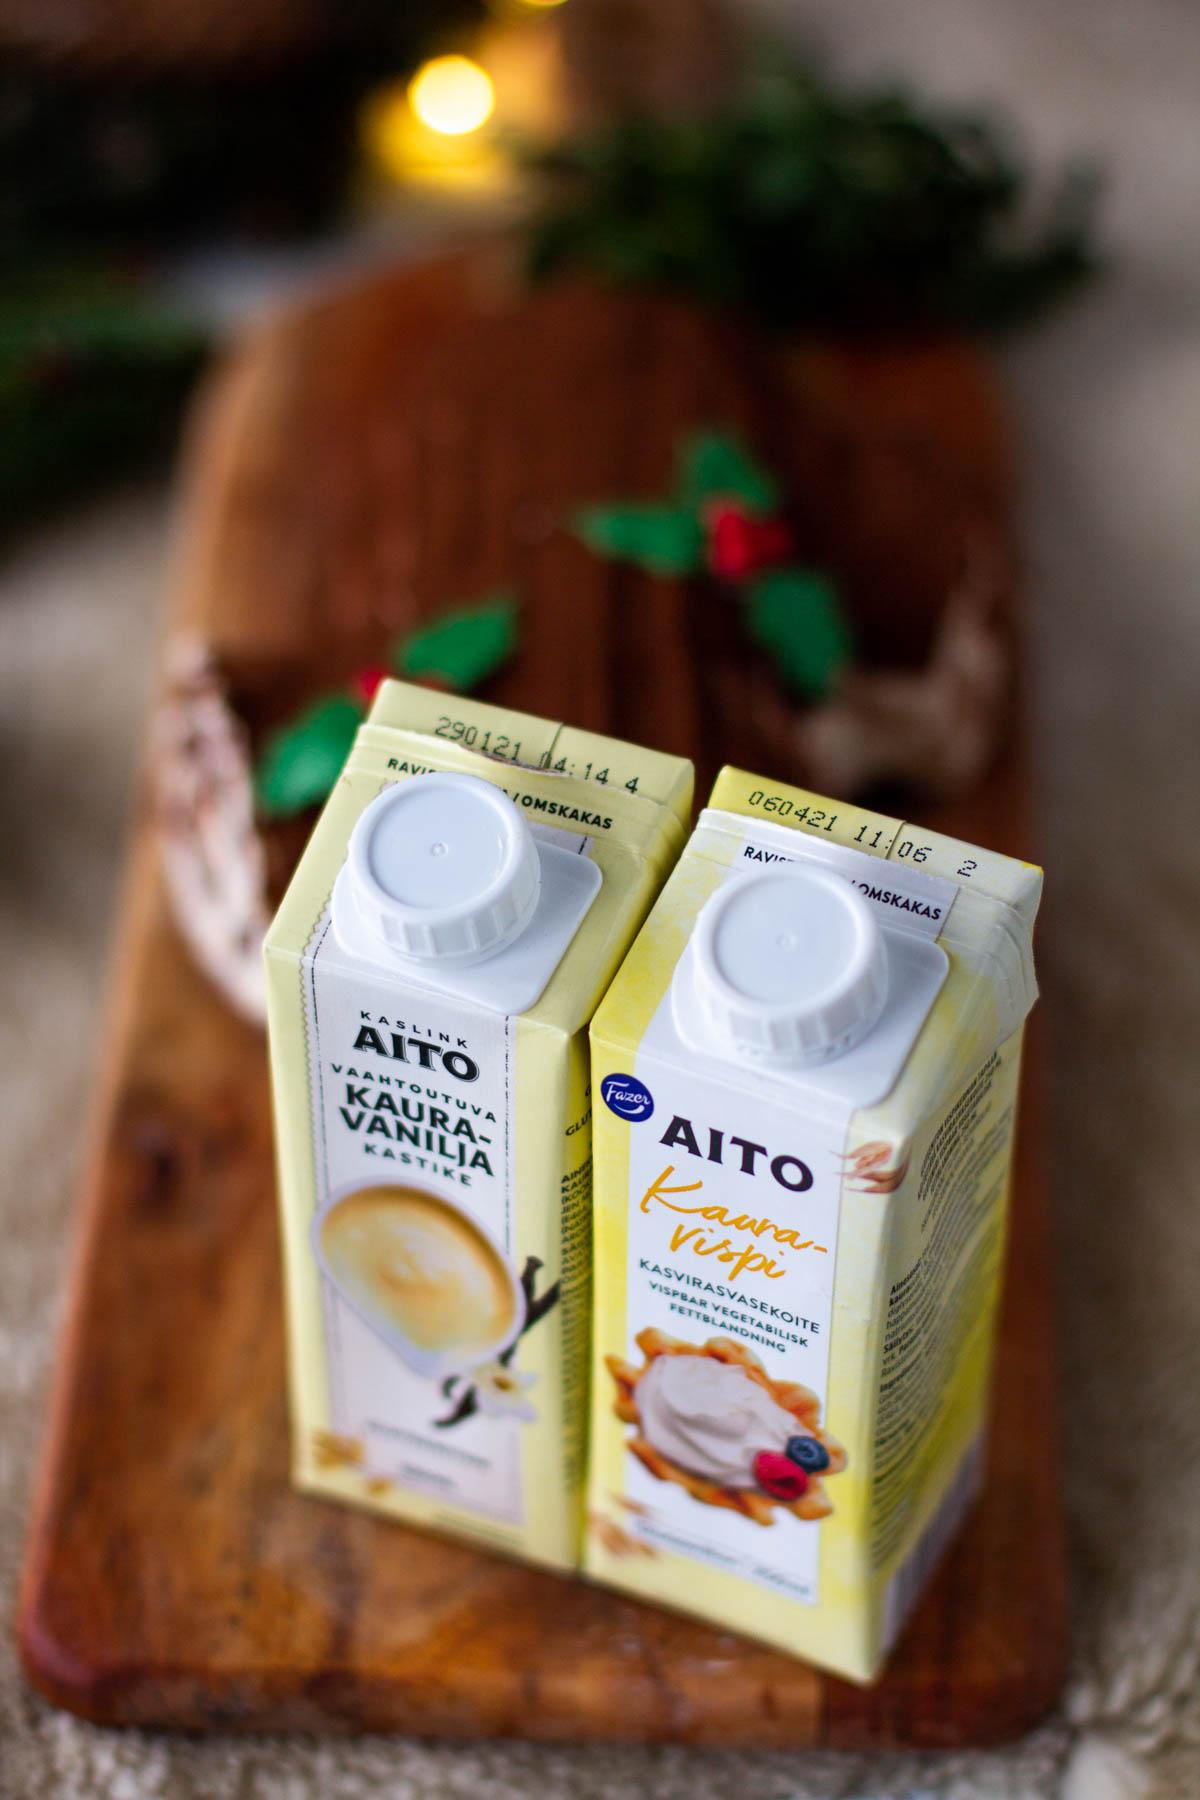 Fazer aito tuotteet kaura vaniljakastike sekä Aito kauravispi